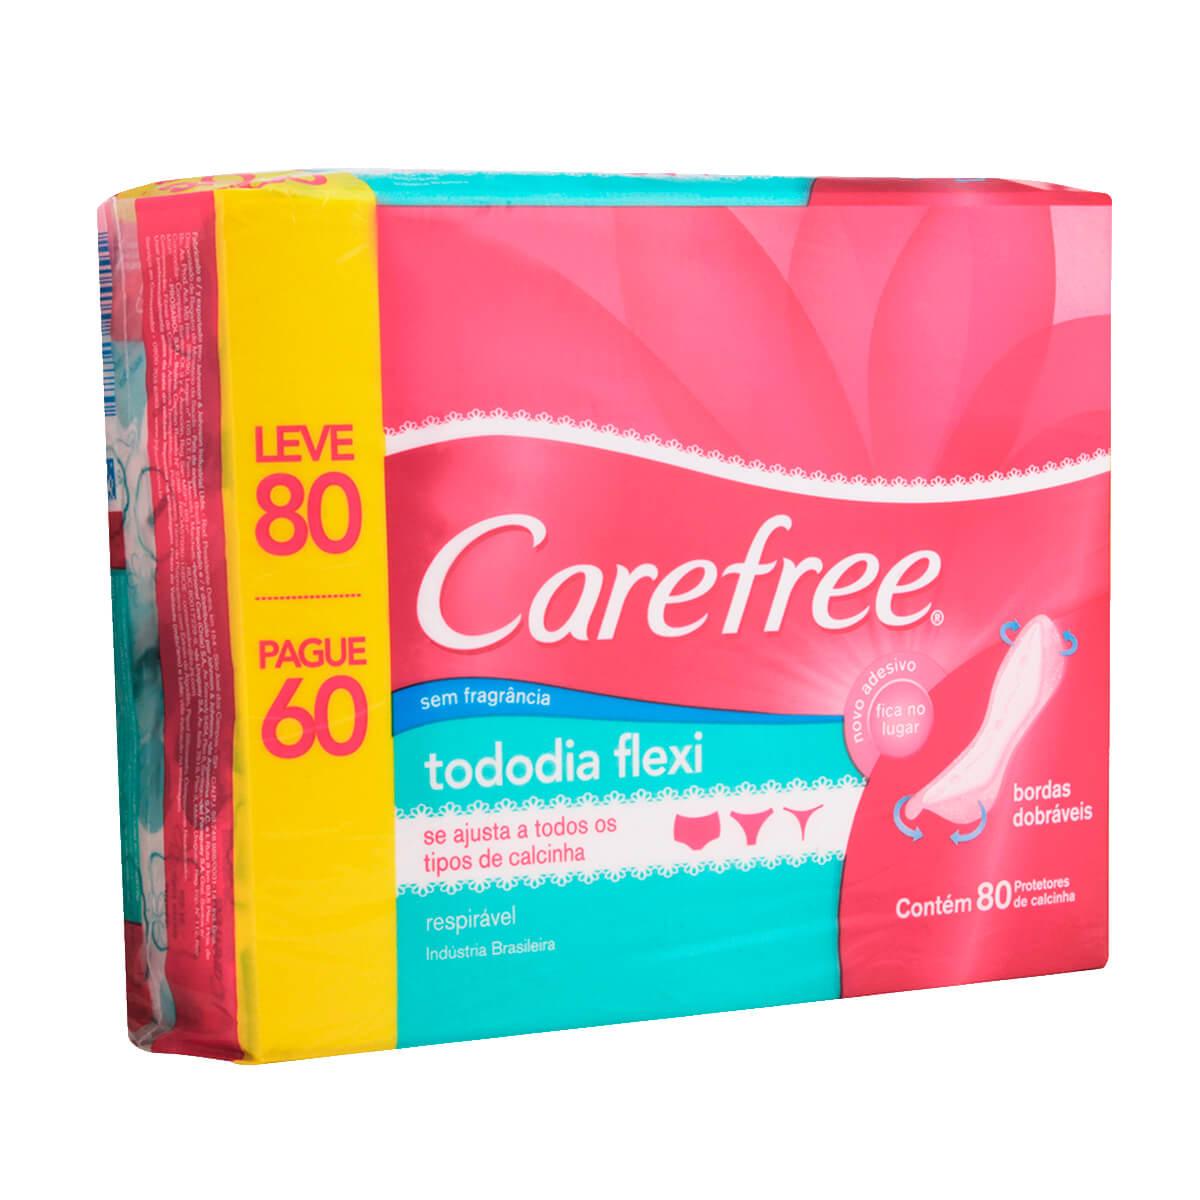 Carefree TodoDia Flexi Protetor Diário Sem Perfume com 80 unidades 1 Unidade